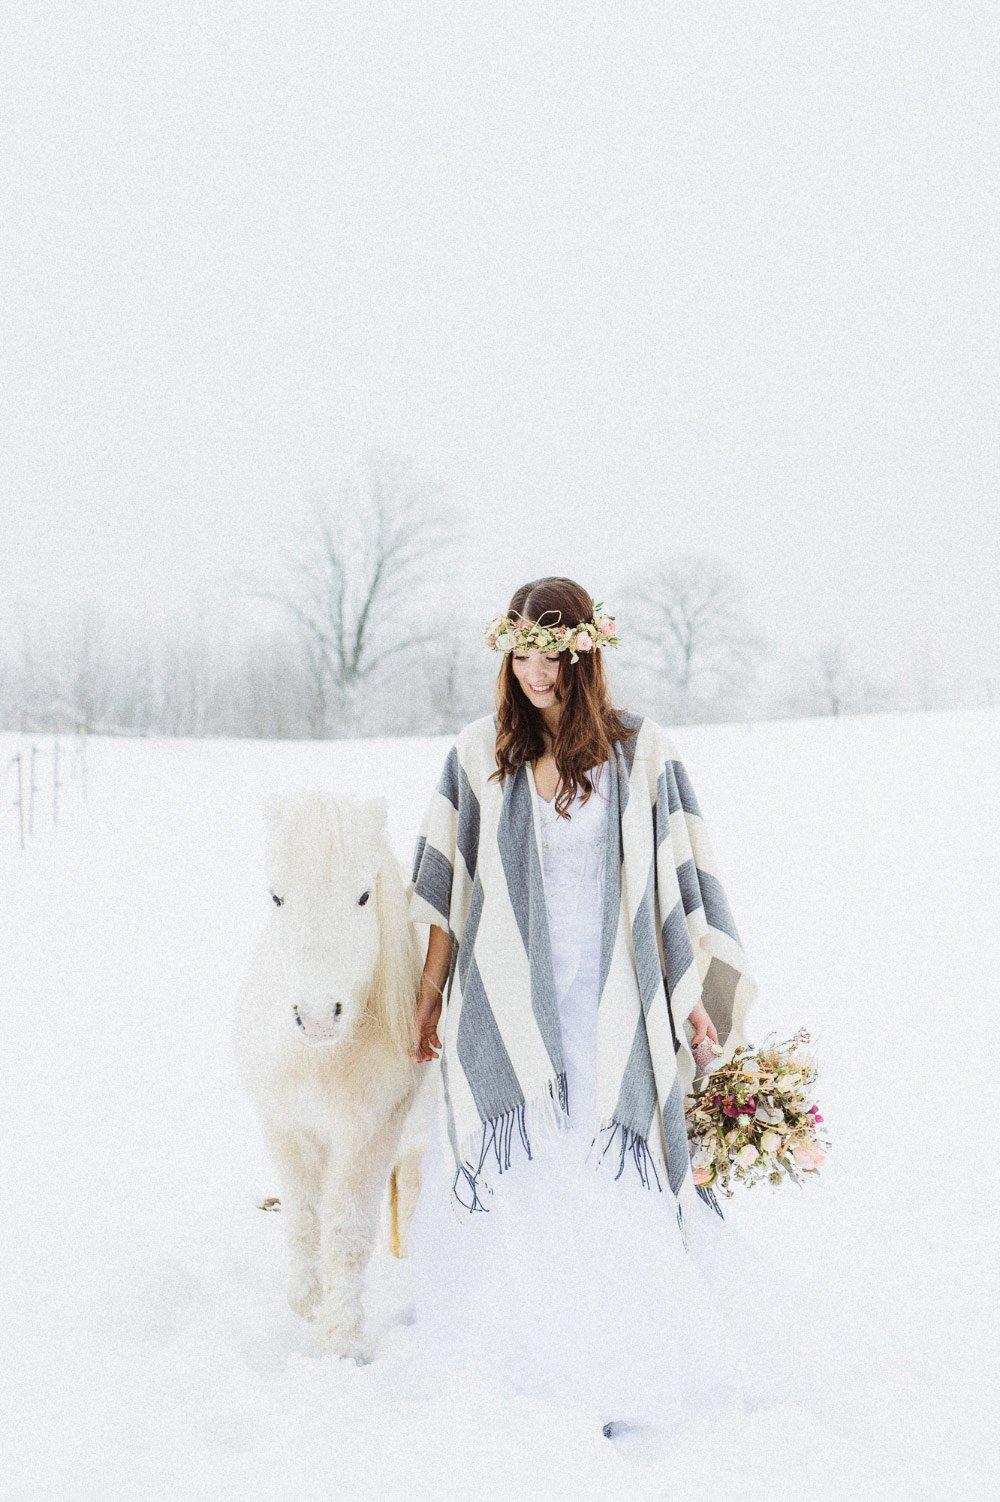 Ein-Brautfotoshooting-im-Schnee-mit-Pferden-34